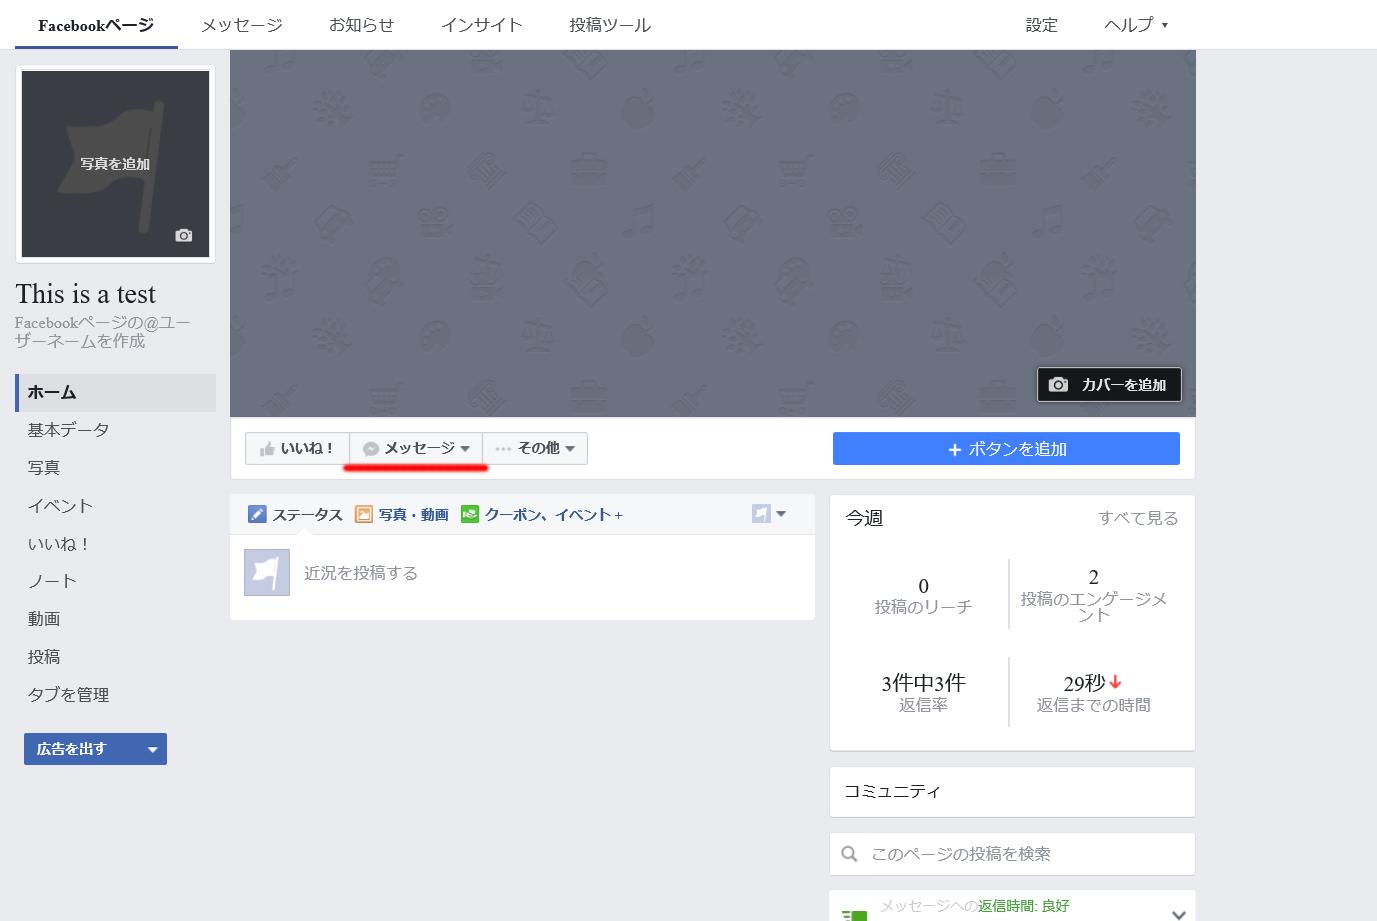 facebook_message_test.png